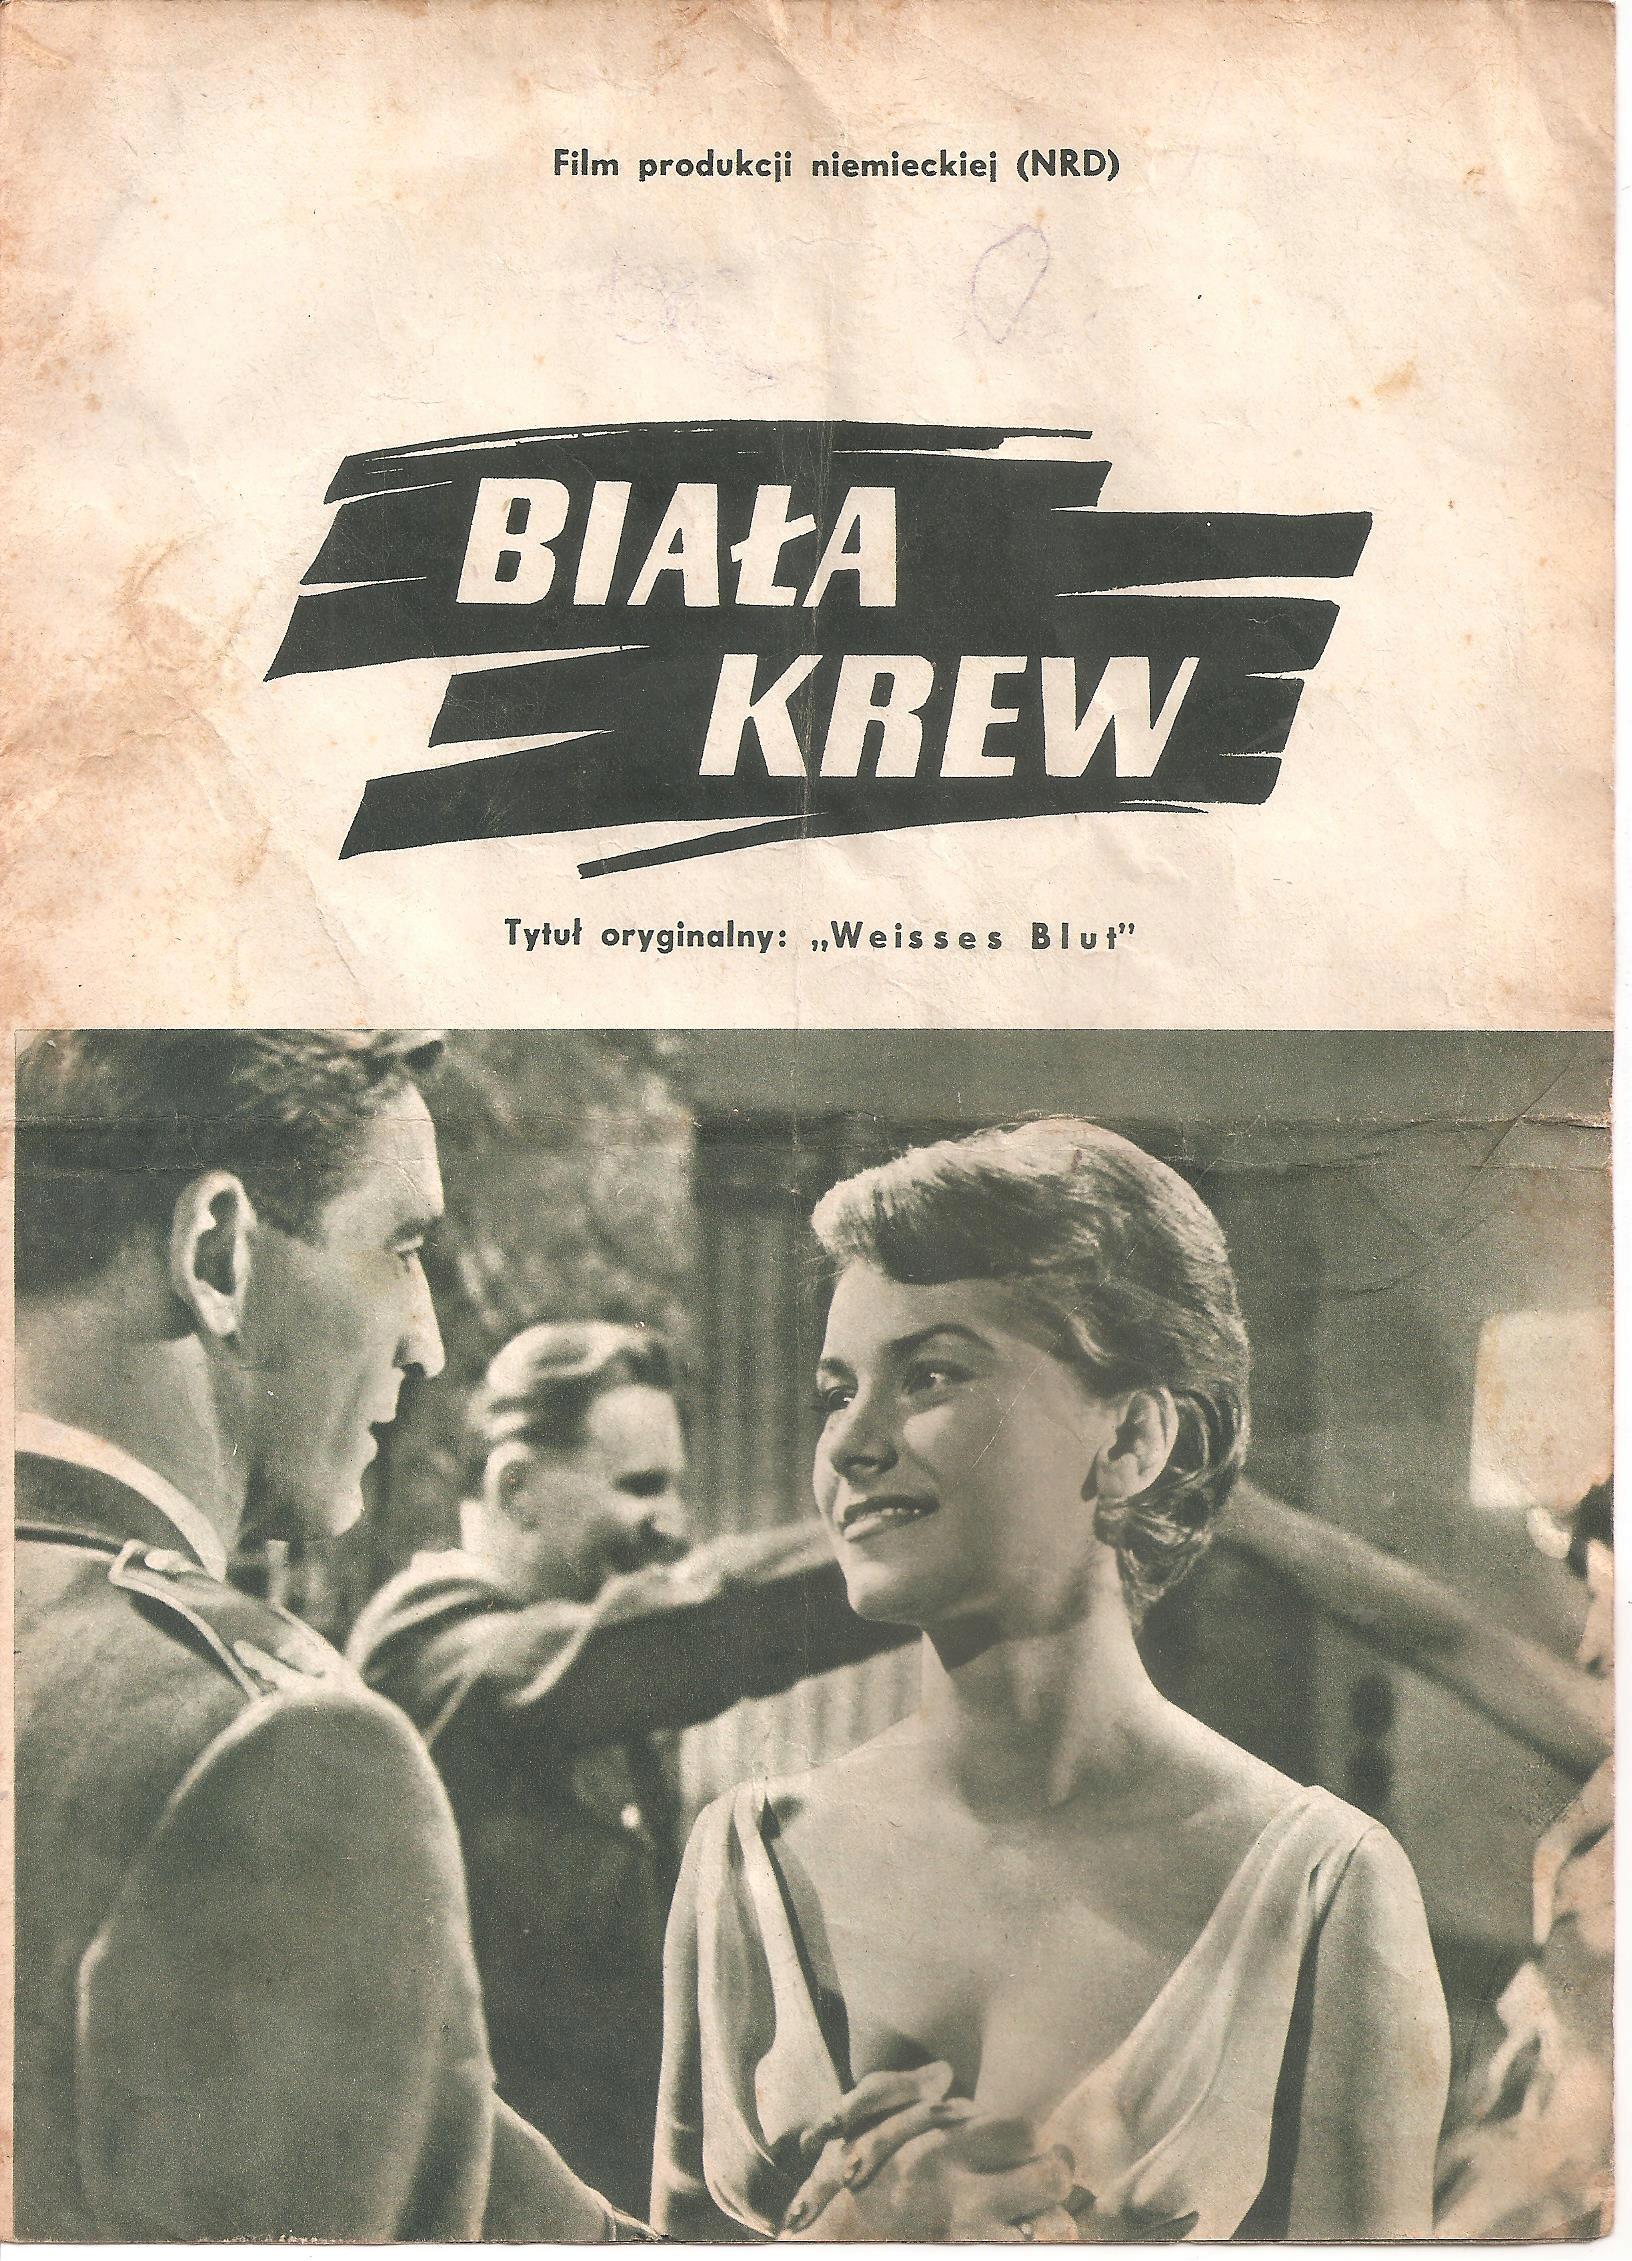 BIAŁA KREW - PROGRAM FILMOWY Z 1960 ROKU.